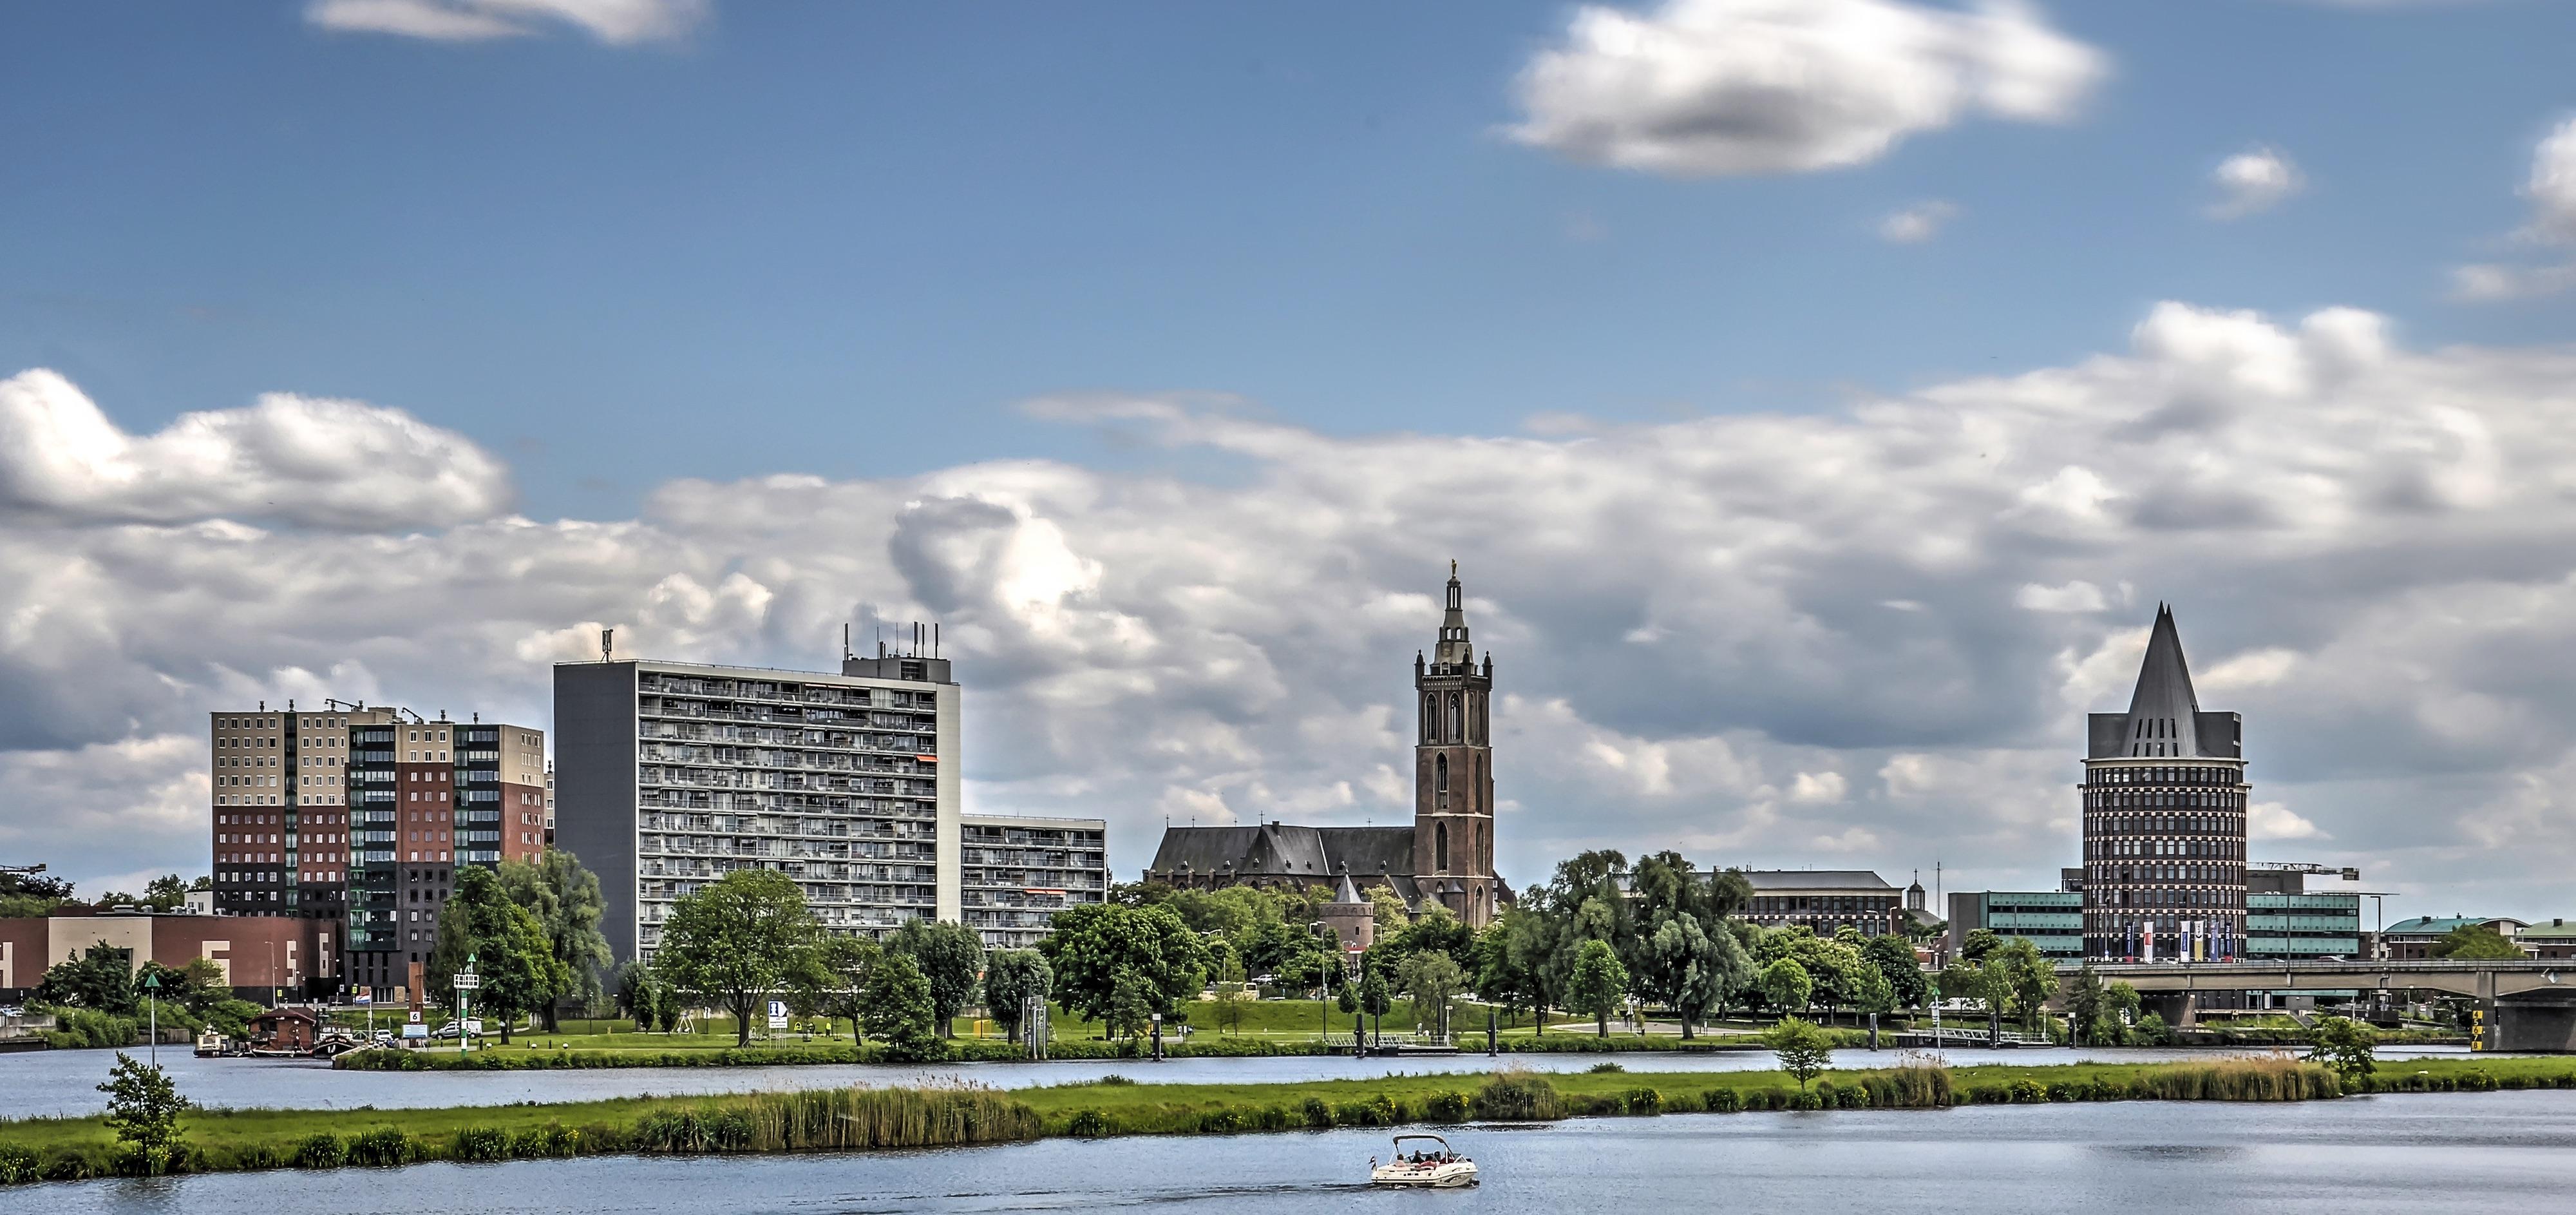 vakdag zet je regio op de kaart Roermond